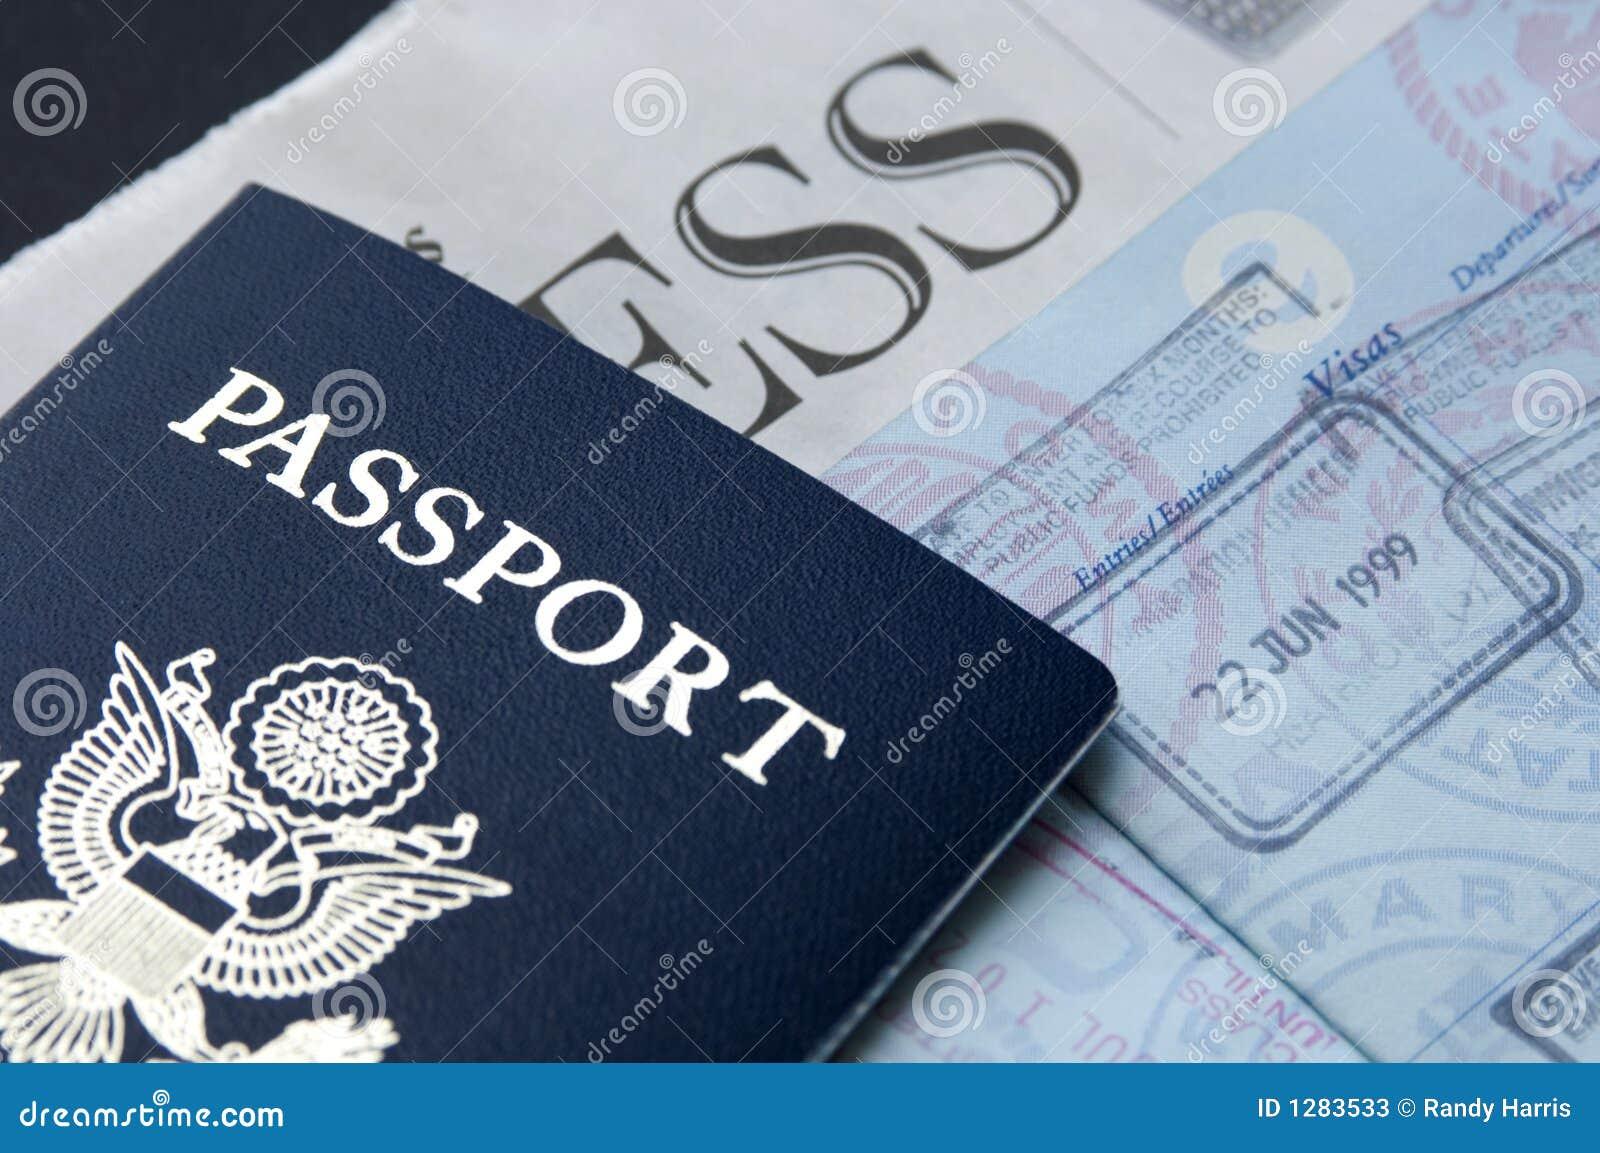 Pasaporte y asunto